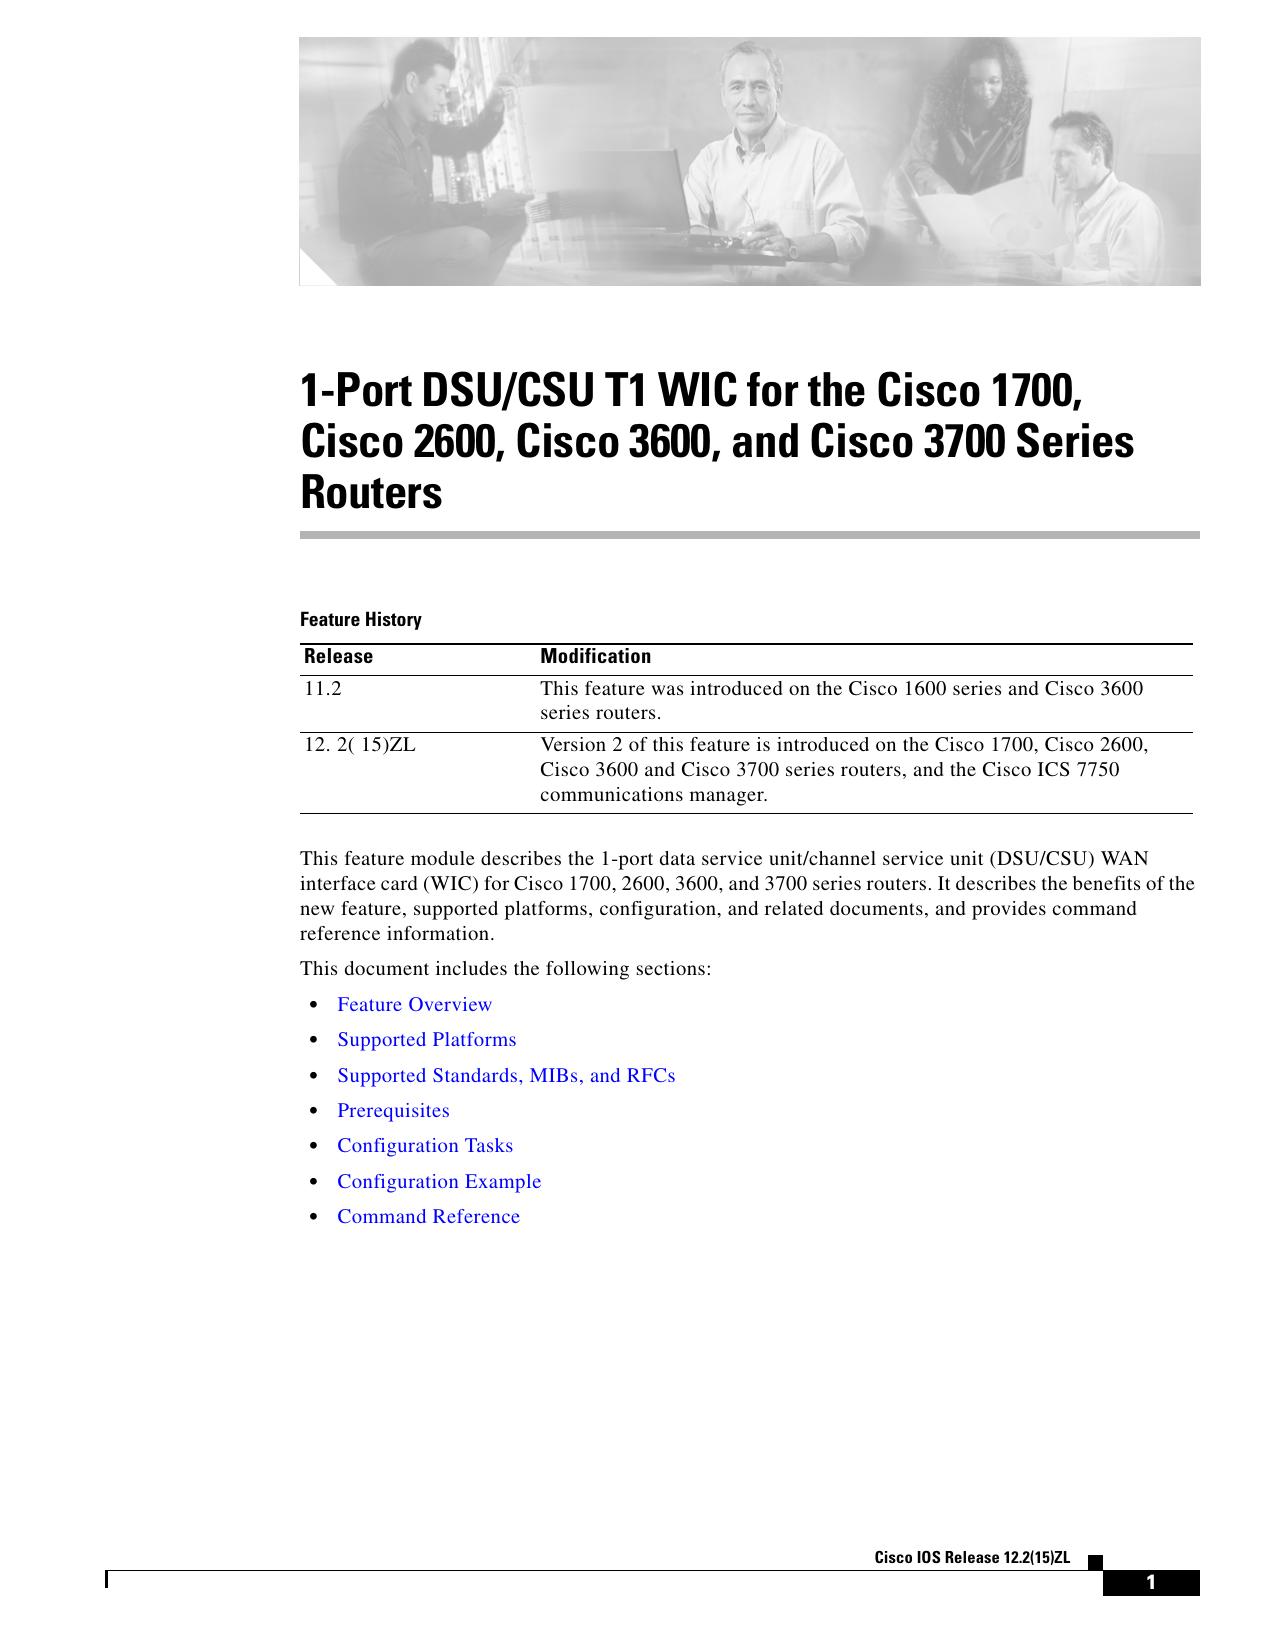 1-Port DSU/CSU T1 WIC for the Cisco 1700, Routers